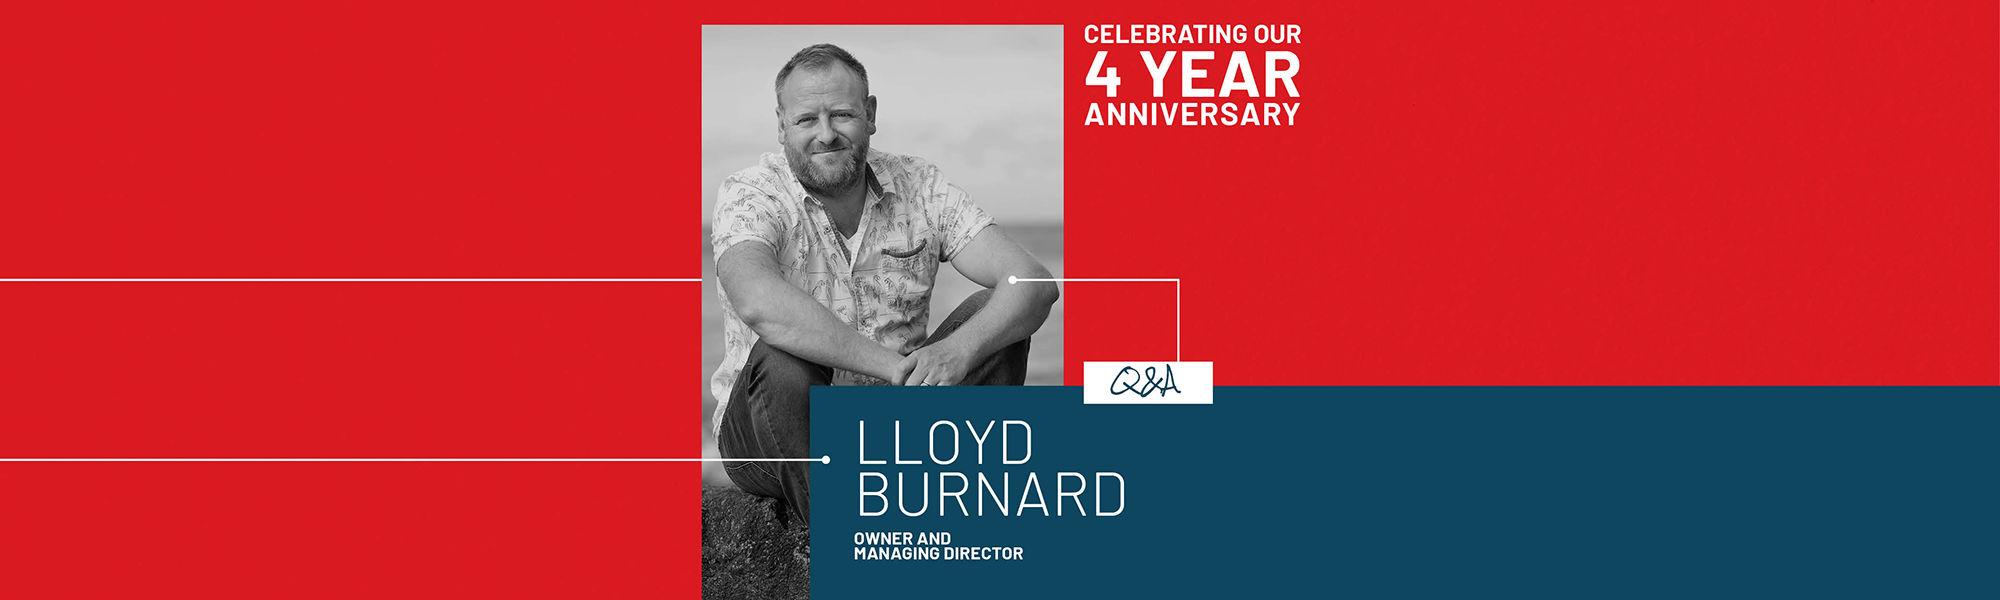 Lloyd Burnard Q&A